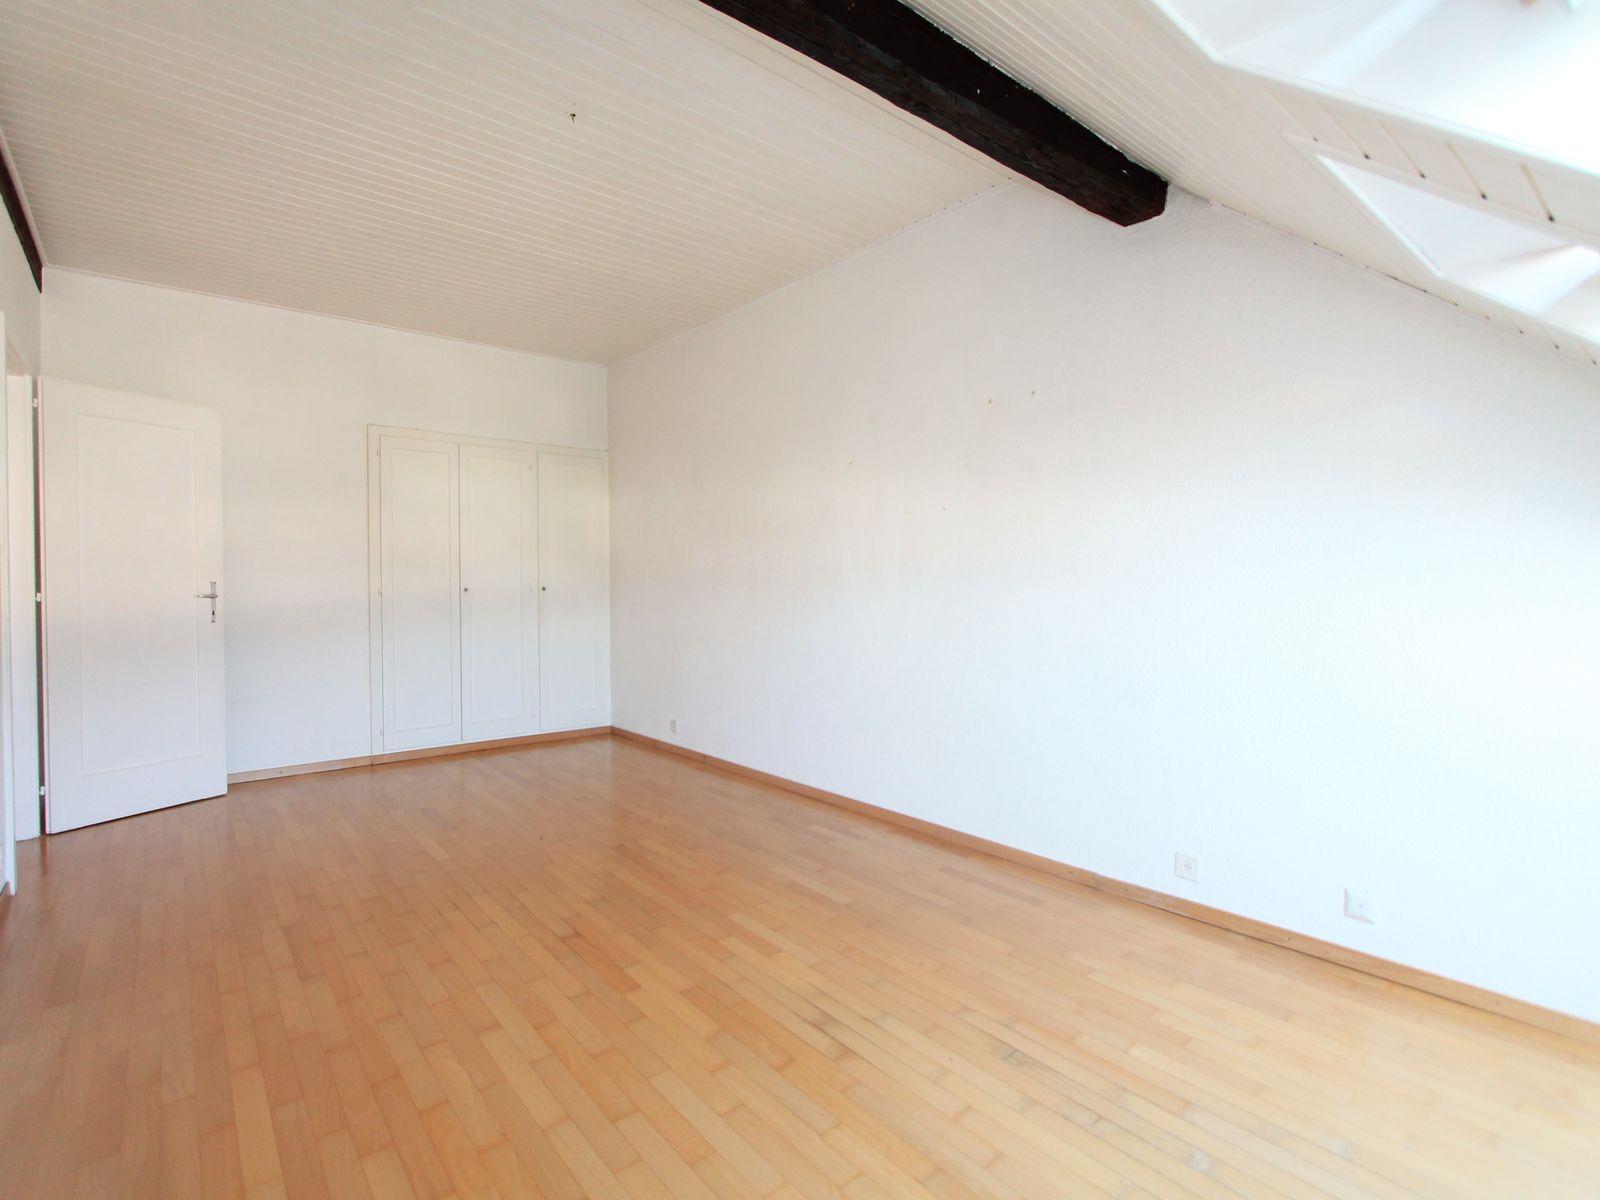 Spacieuse chambre avec placards intégrés